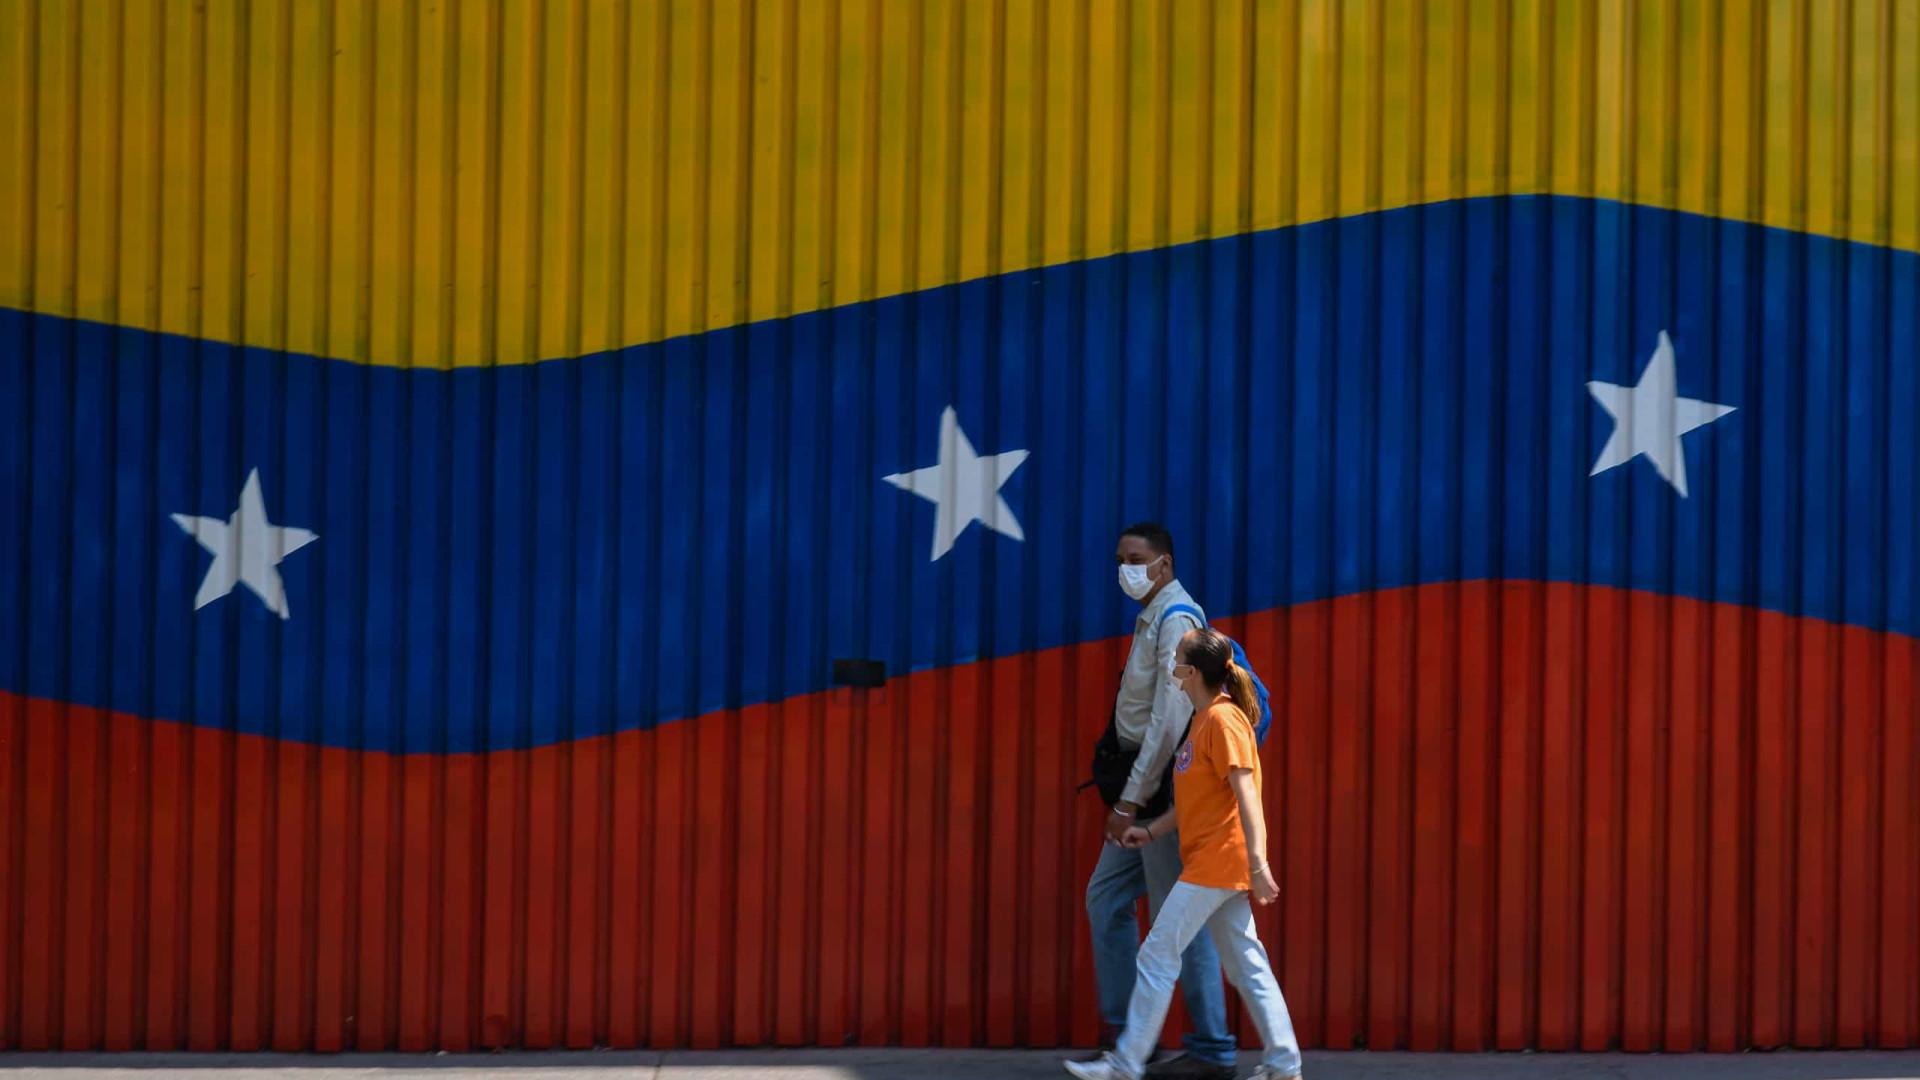 Venezuela. Mérida e ilha de Margarita vão ter português à distância